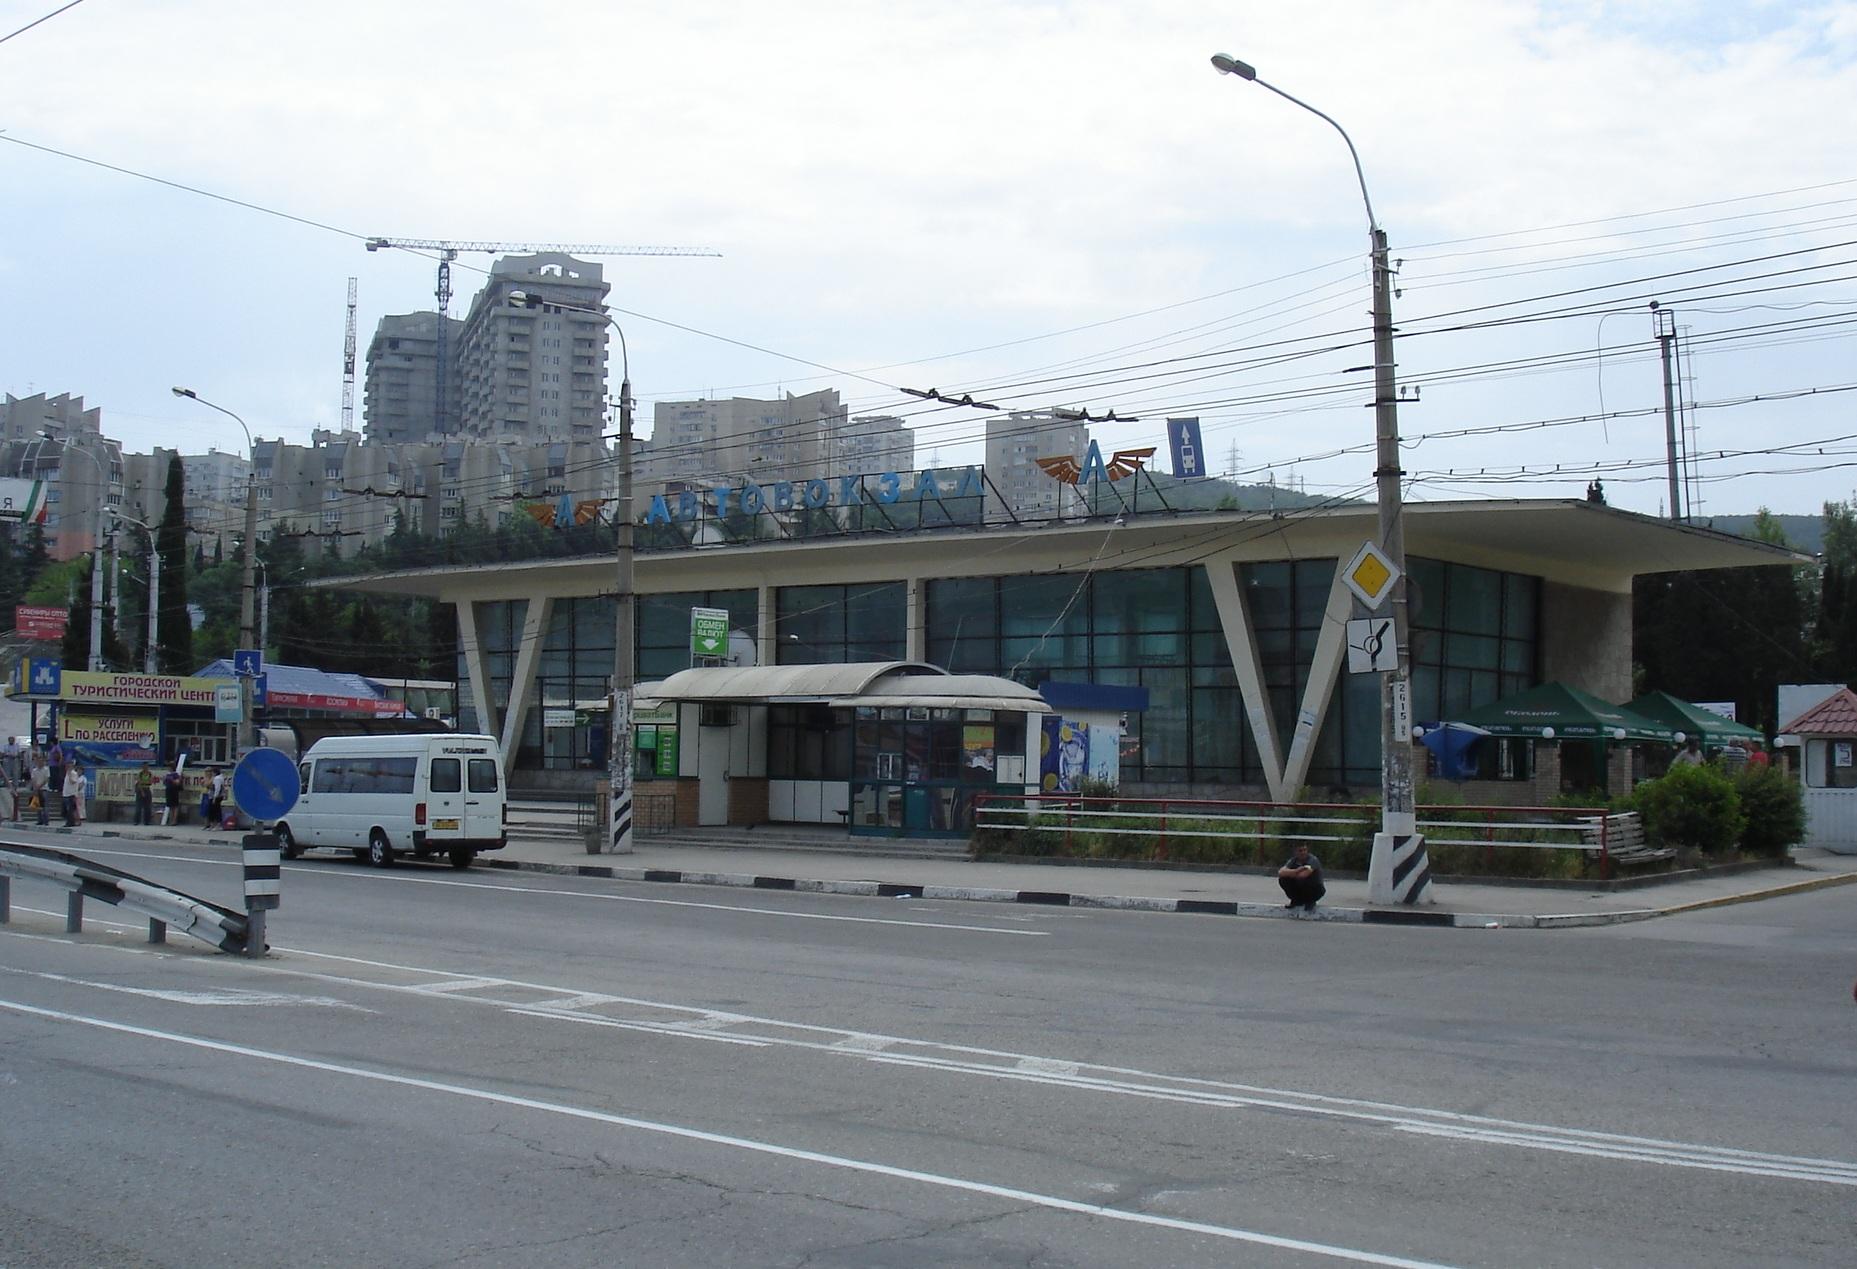 http://upload.wikimedia.org/wikipedia/ru/d/da/Алушта-Автовокзал.jpg